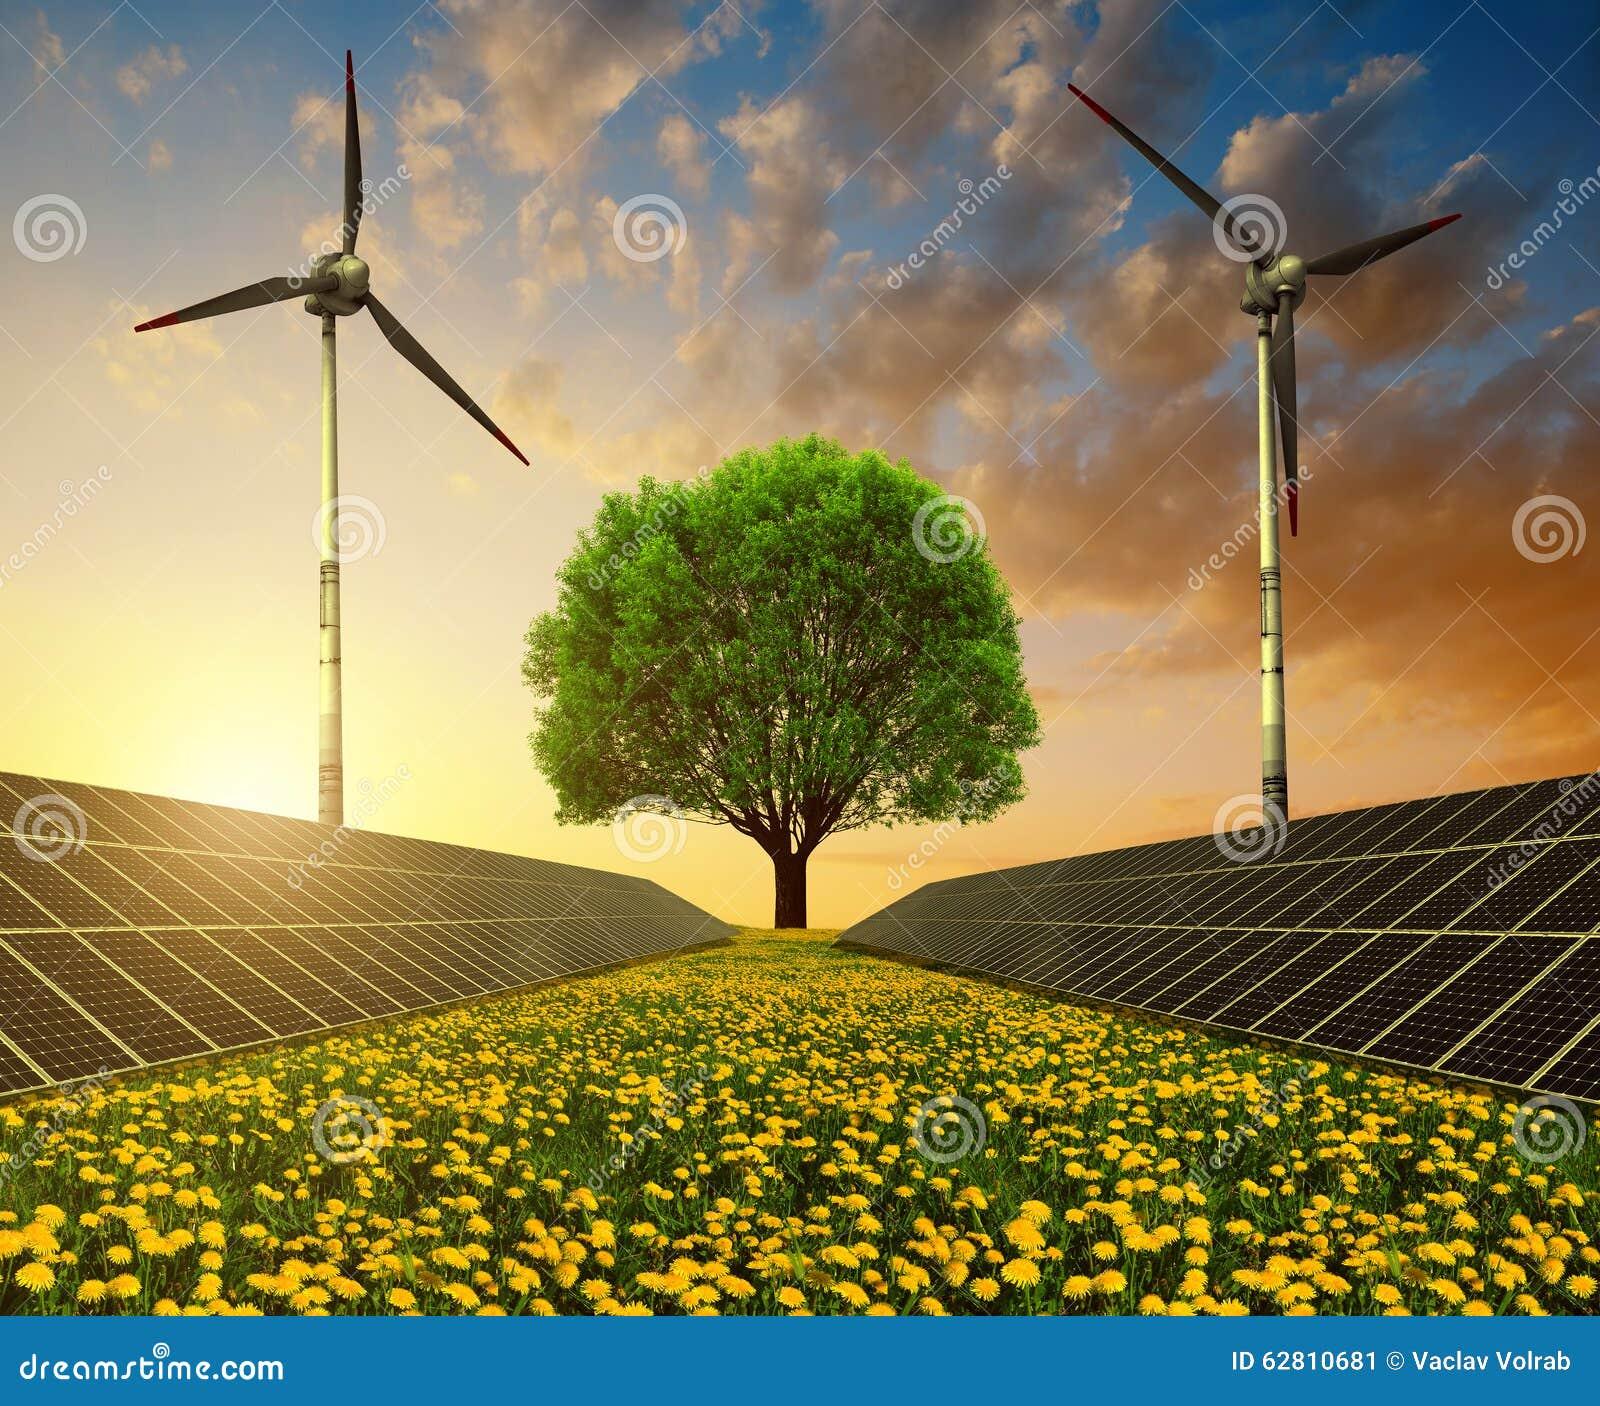 Solar Energy Panels Wind Turbines And Tree On Dandelion